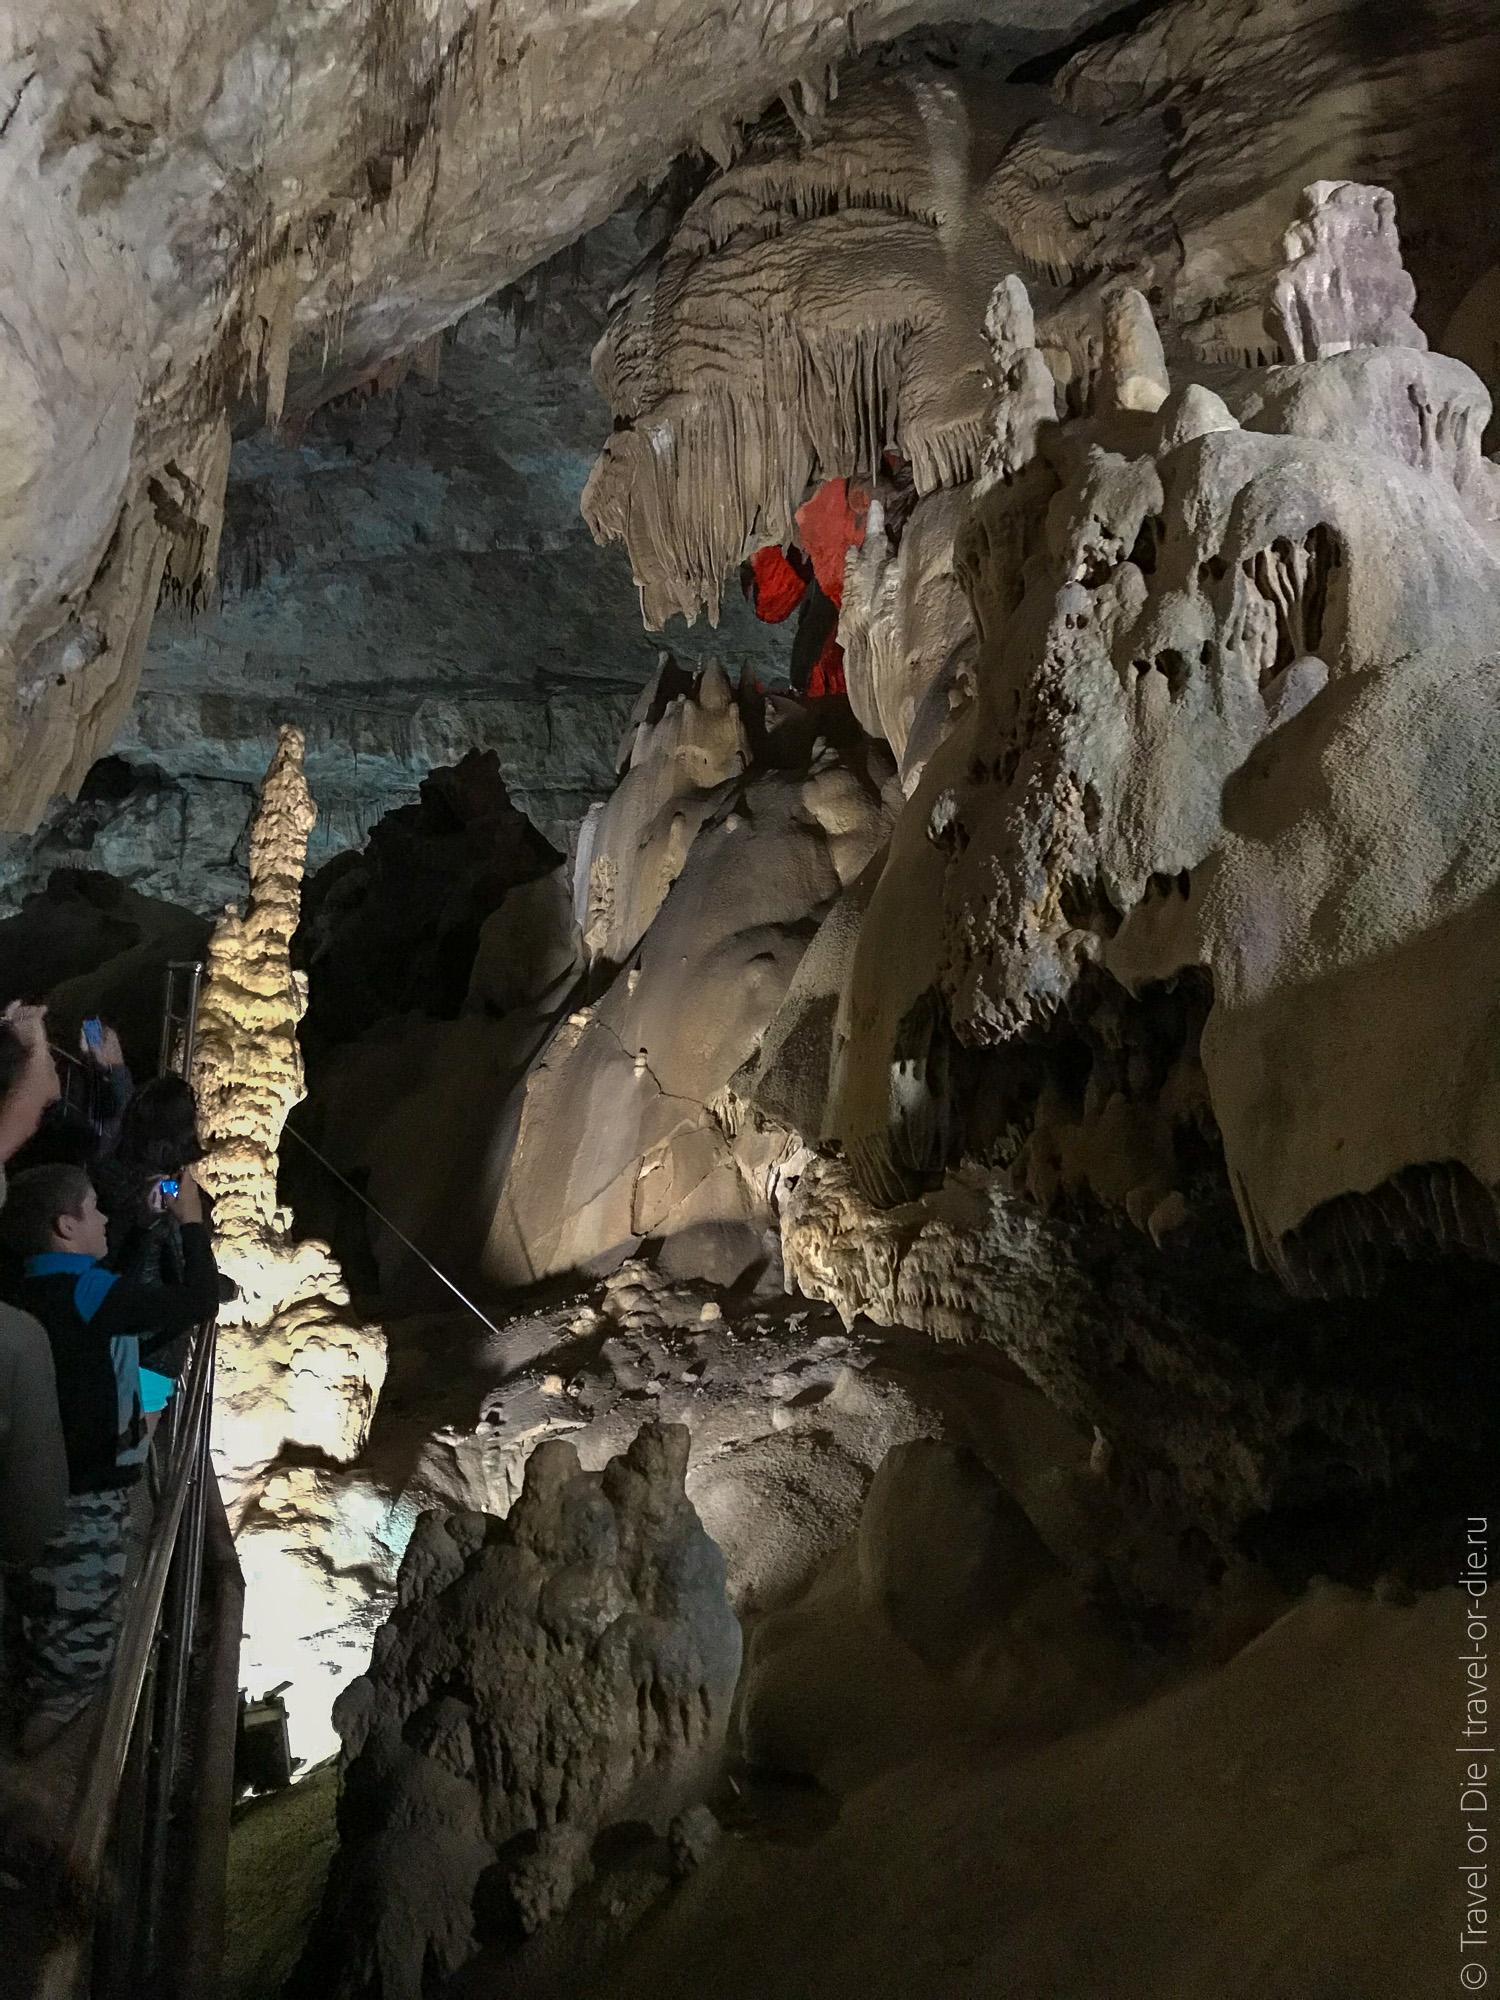 Новоафонская-Пещера-Абхазия-New-Athos-Cave-Abkhazia-7843